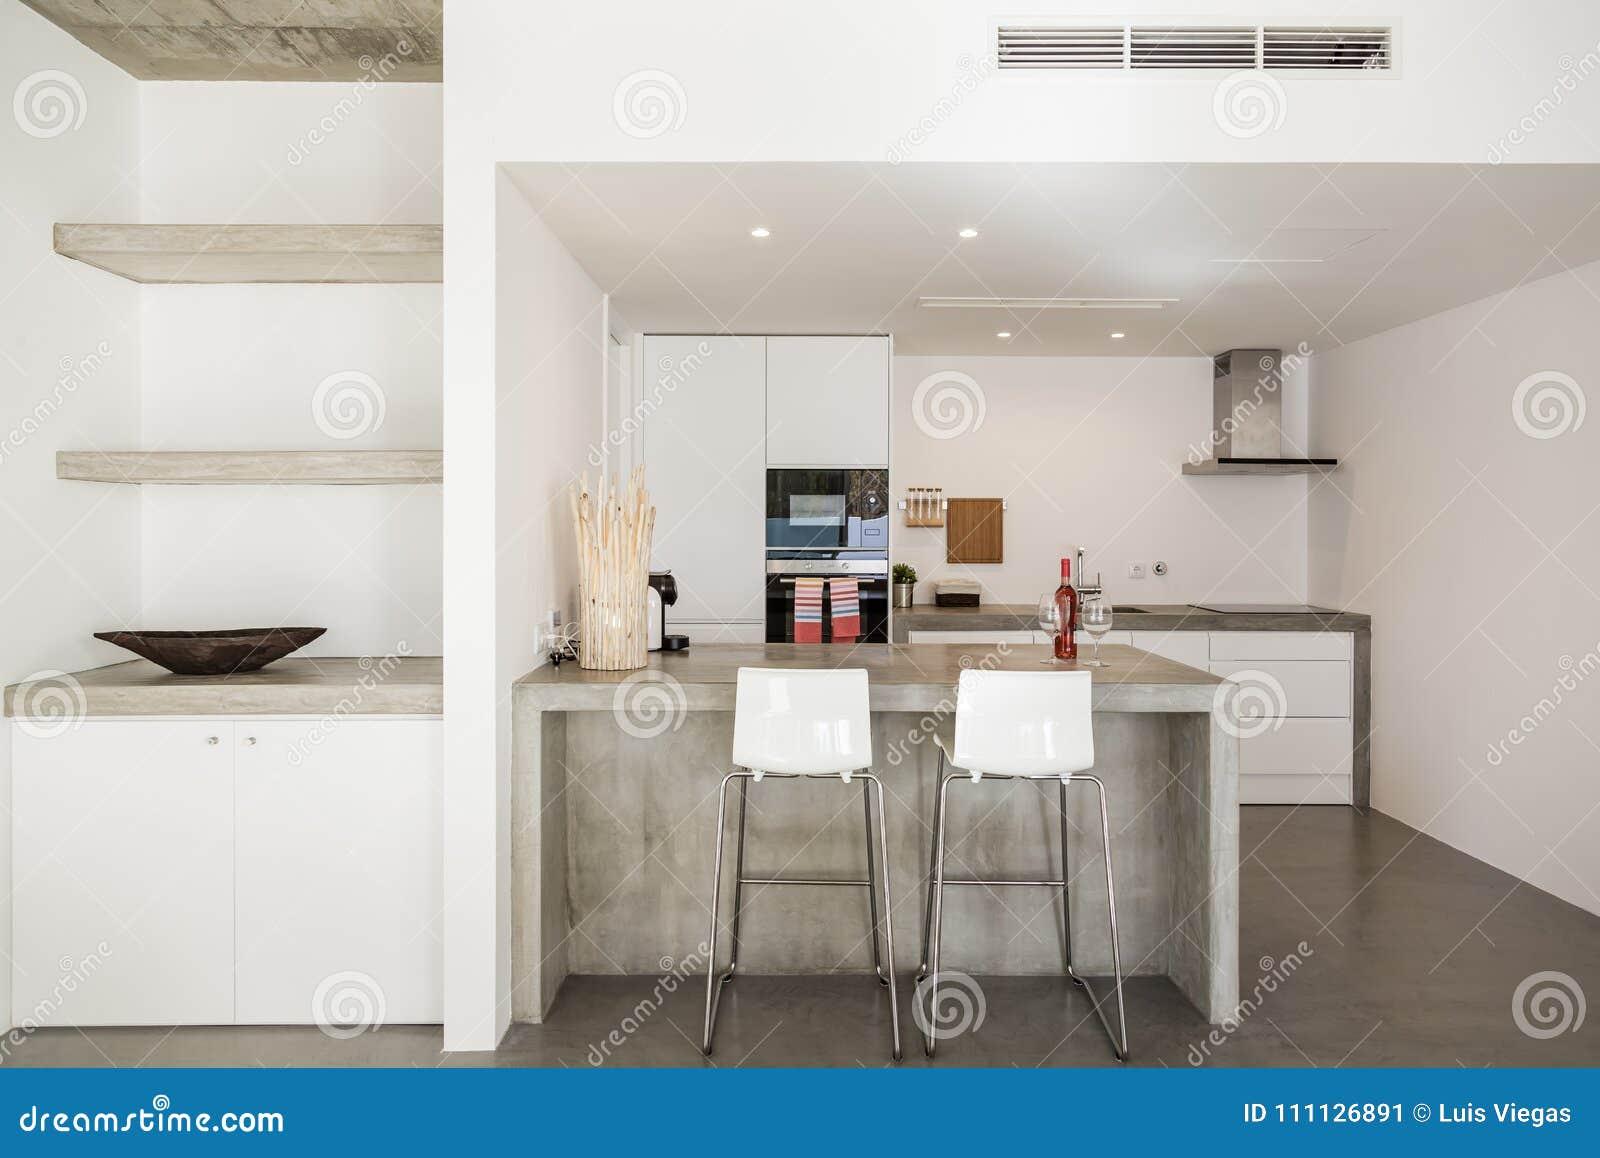 Pavimentazione in piastrelle grigia della cucina moderna e parete bianca immagine stock - Cucina moderna bianca e grigia ...